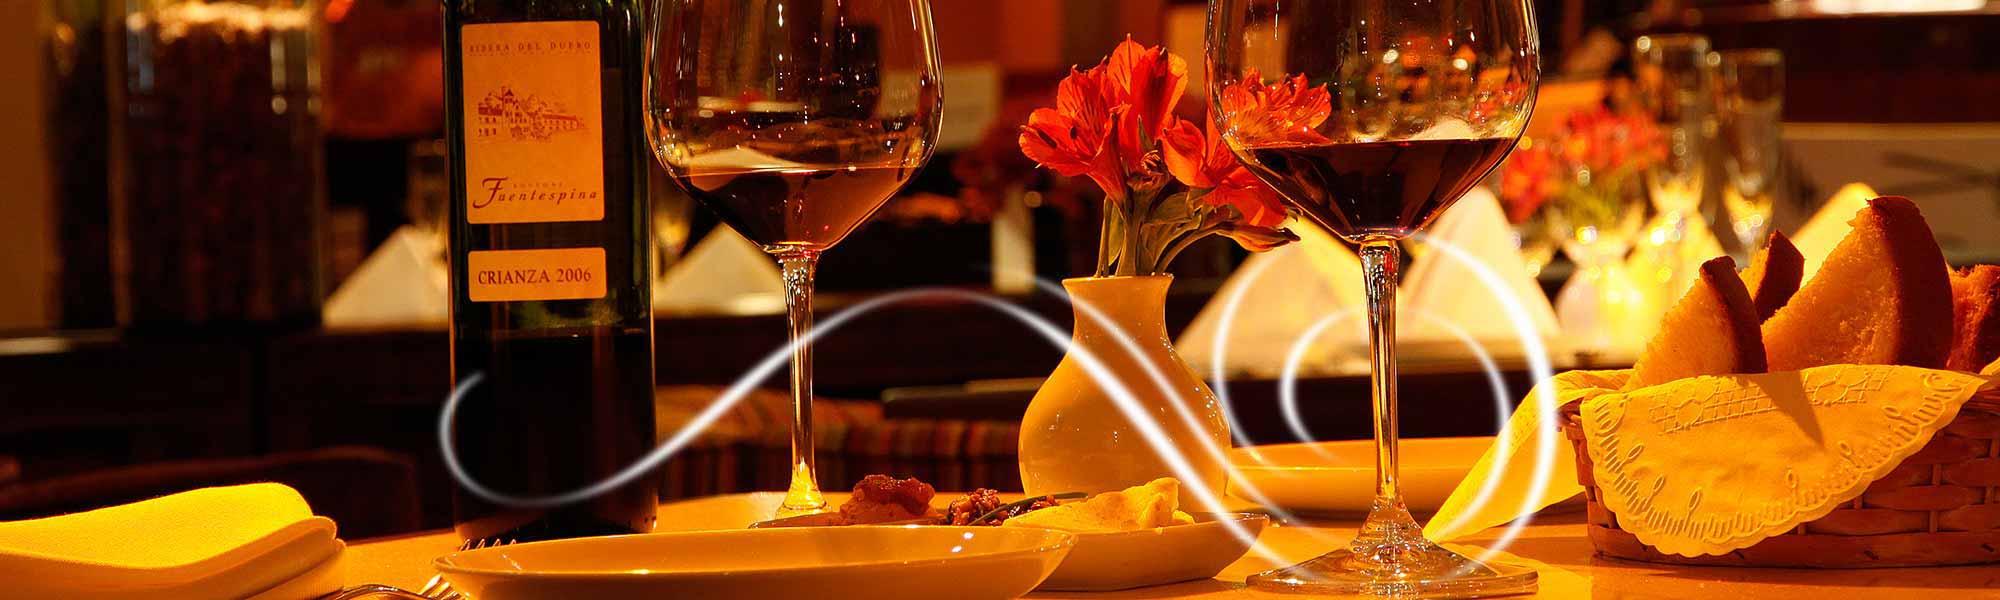 Eventos - Vindouro Restaurante e Bistrô - Curitiba